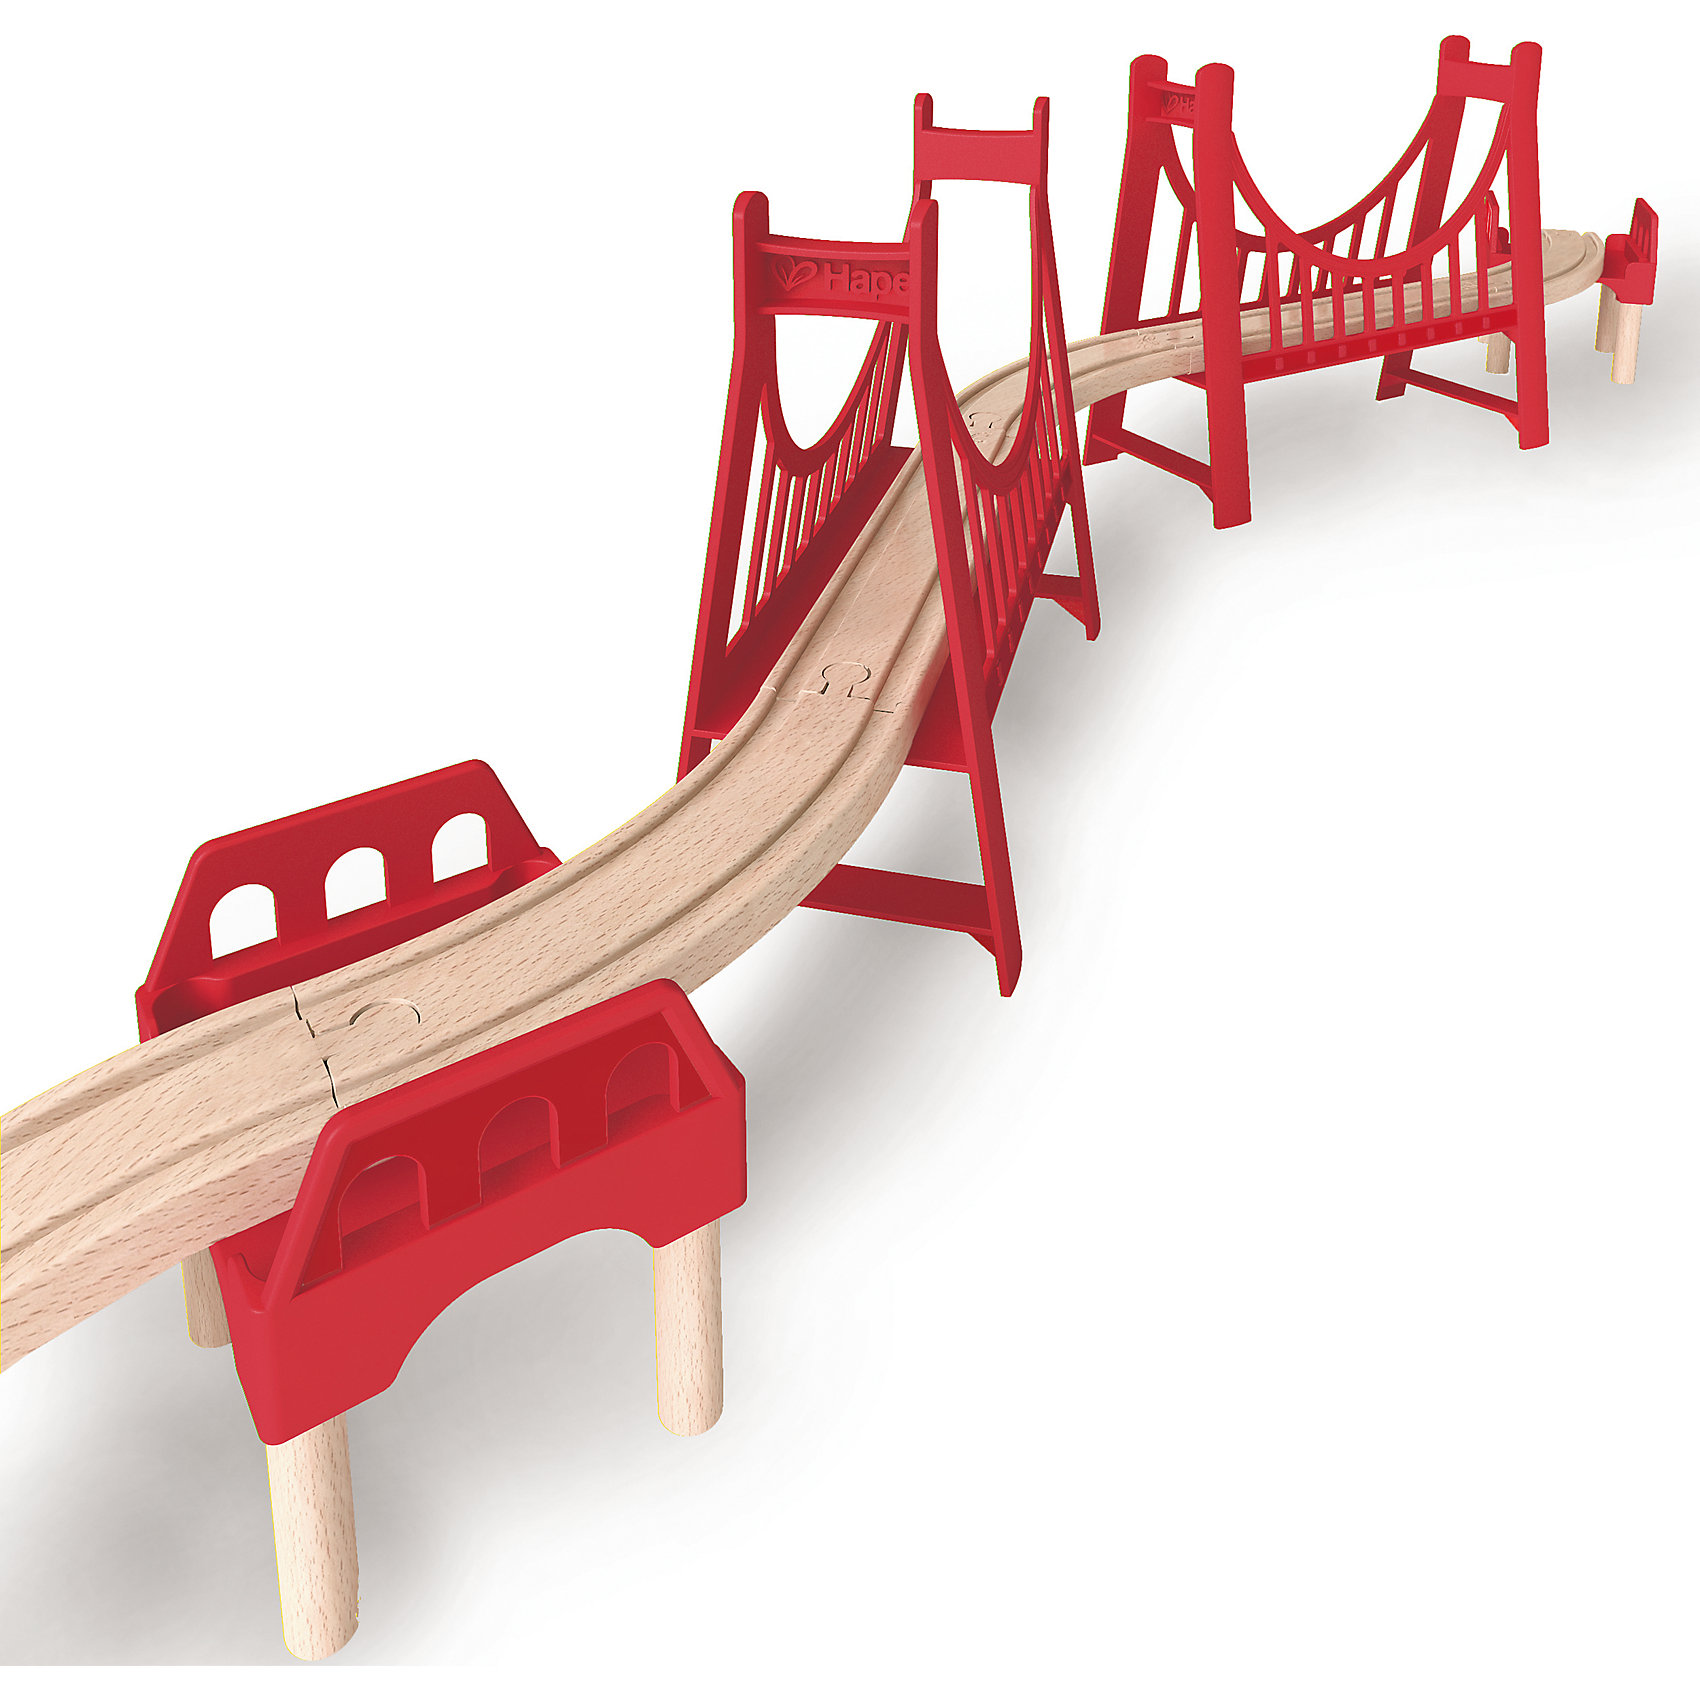 Дополнительный элемент Мост, HapeДополнительный элемент Мост, Hape (Хейп).<br><br>Характеристики:<br><br>- В наборе: пролеты моста 2 шт, восходящие пролеты 2 шт.<br>- Размер: 130х20х20 см.<br>- Материал: древесина<br><br>Дополнительный элемент подвесной мост позволит значительно улучшить конфигурацию деревянной железной дороги от Hape (Хейп). Подвесной мост легко присоединяется к любой железной дороге Hape (E3700, E3712, E3713). Под подвесной мост можно провести автомобильную или железную дорогу. Также его можно разделить на два более коротких моста и установить в разных частях железной дороги. Дополнительный элемент Мост изготовлен из отлично отшлифованного, натурального дерева, окрашенного нетоксичной краской.<br><br>Дополнительный элемент Мост, Hape (Хейп) можно купить в нашем интернет-магазине.<br><br>Ширина мм: 120<br>Глубина мм: 480<br>Высота мм: 240<br>Вес г: 833<br>Возраст от месяцев: 36<br>Возраст до месяцев: 84<br>Пол: Мужской<br>Возраст: Детский<br>SKU: 5309156